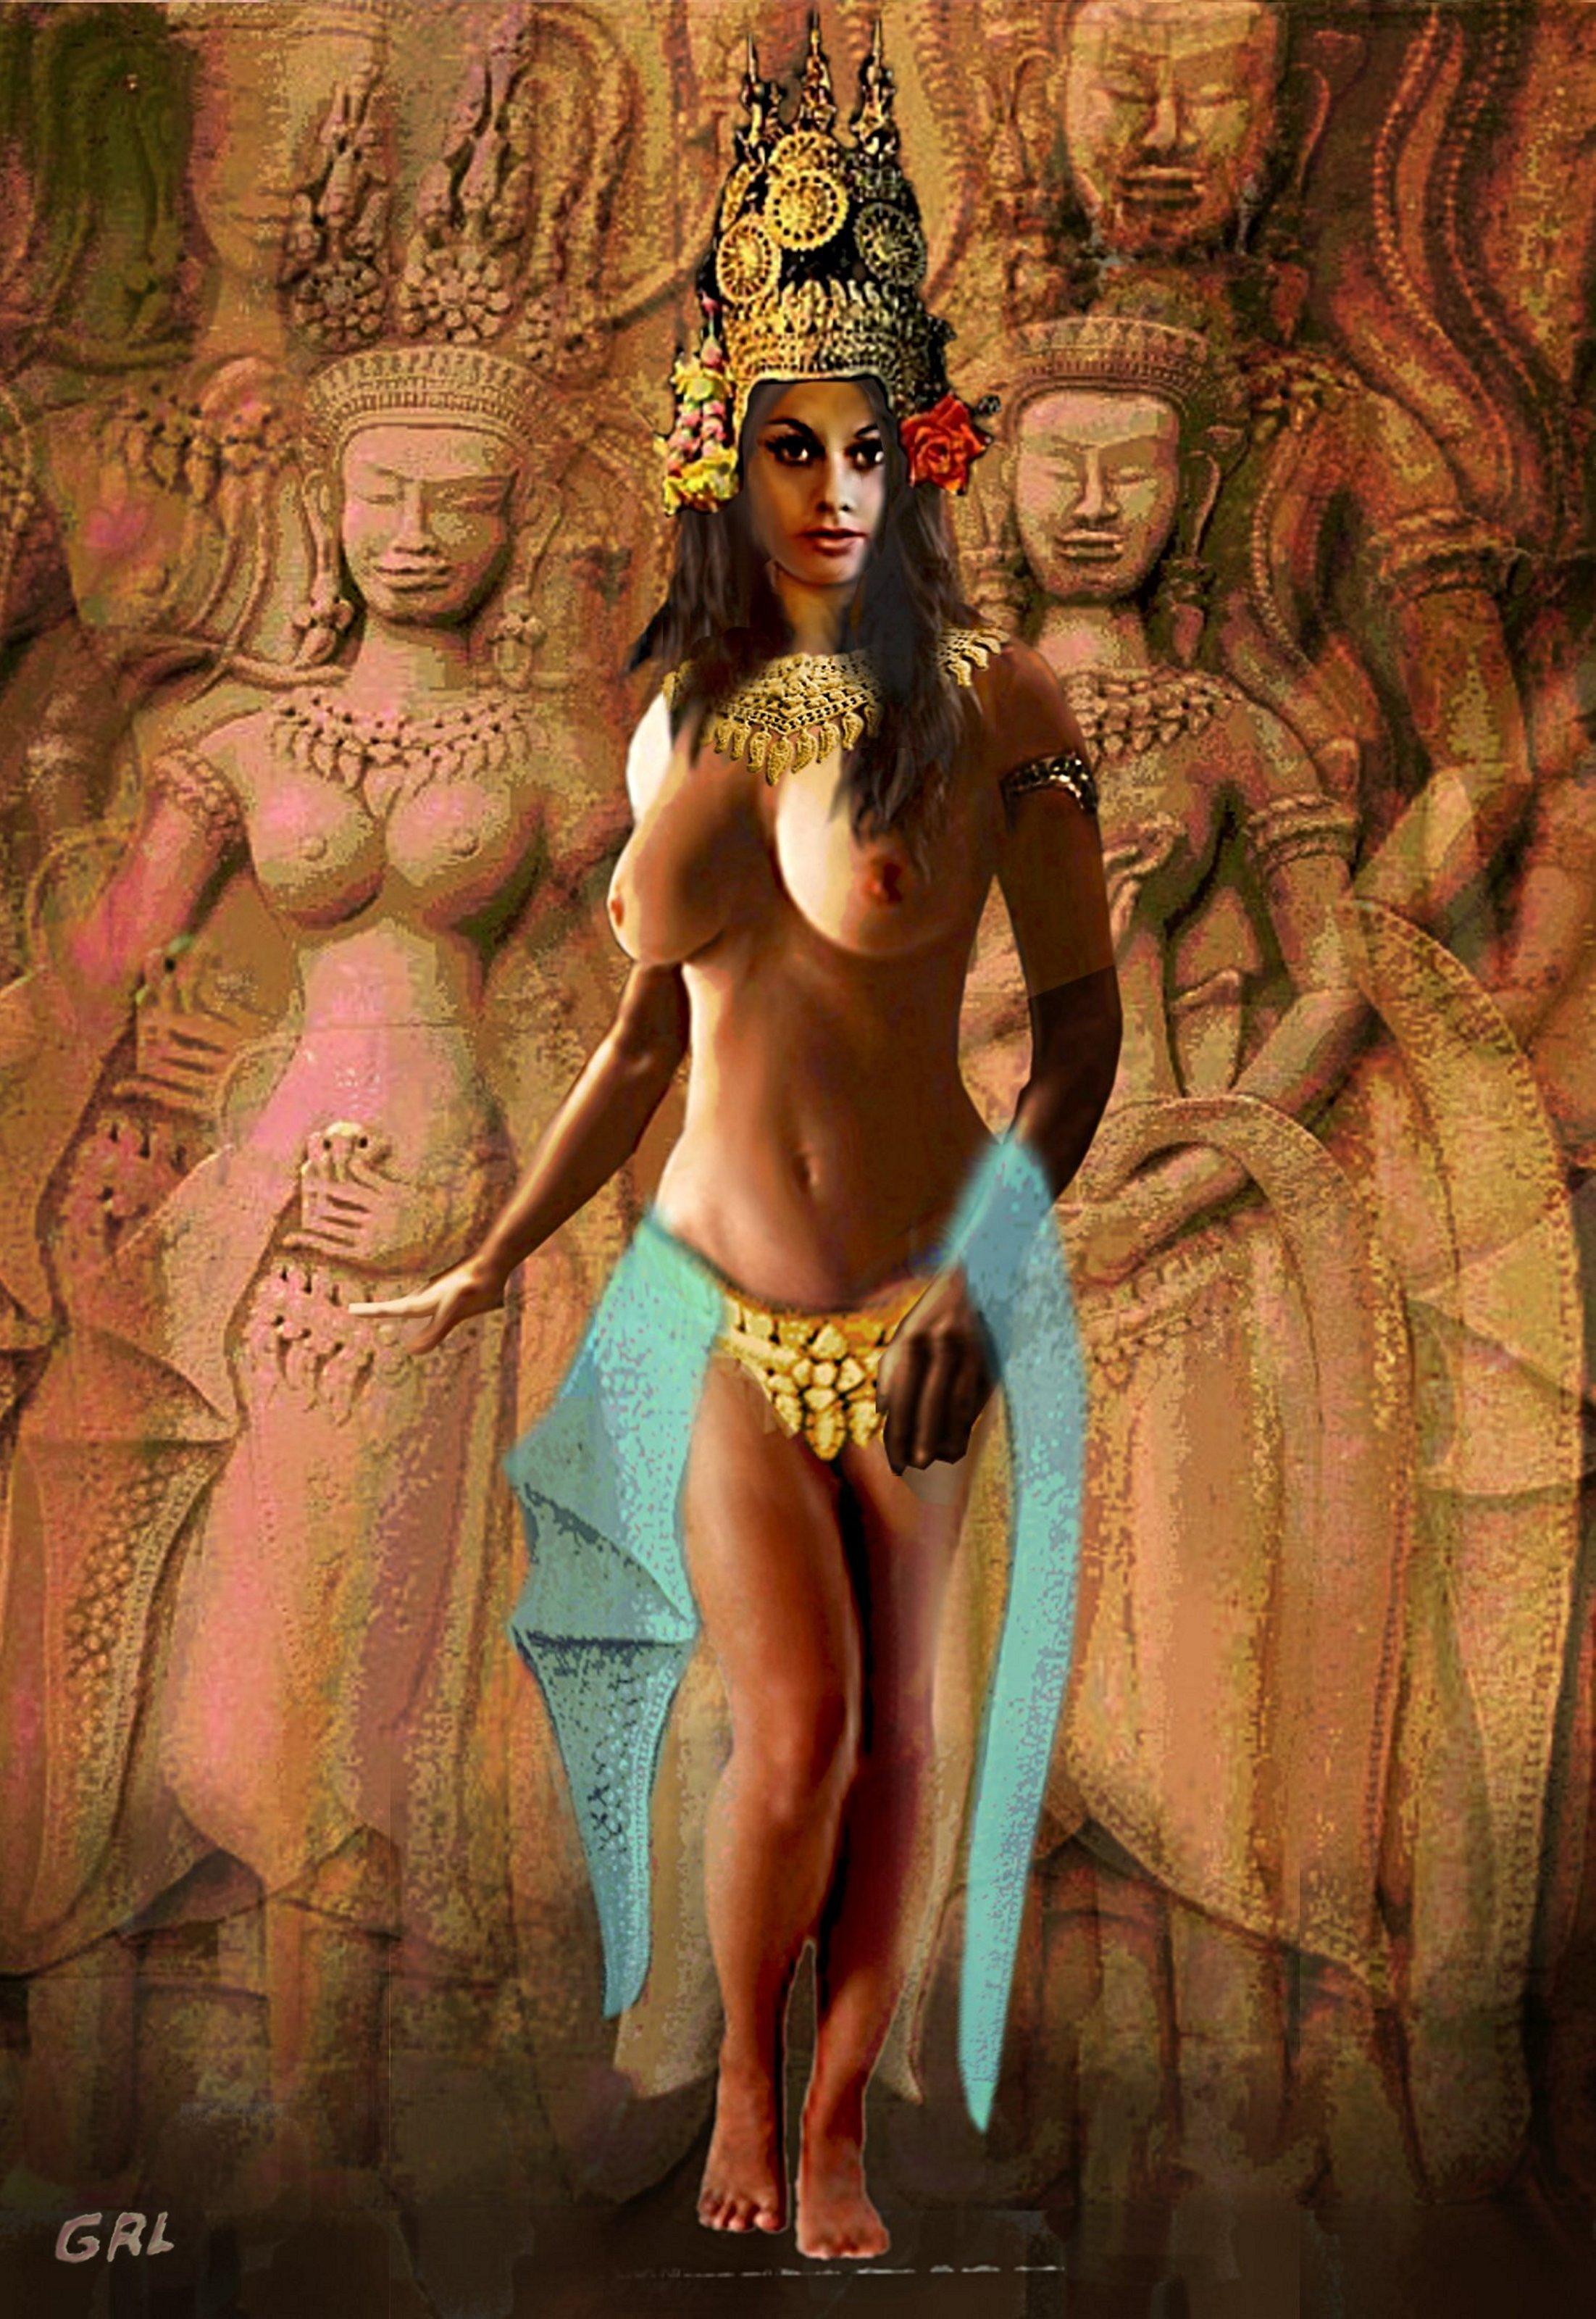 Mythological nude fantasy sexy images